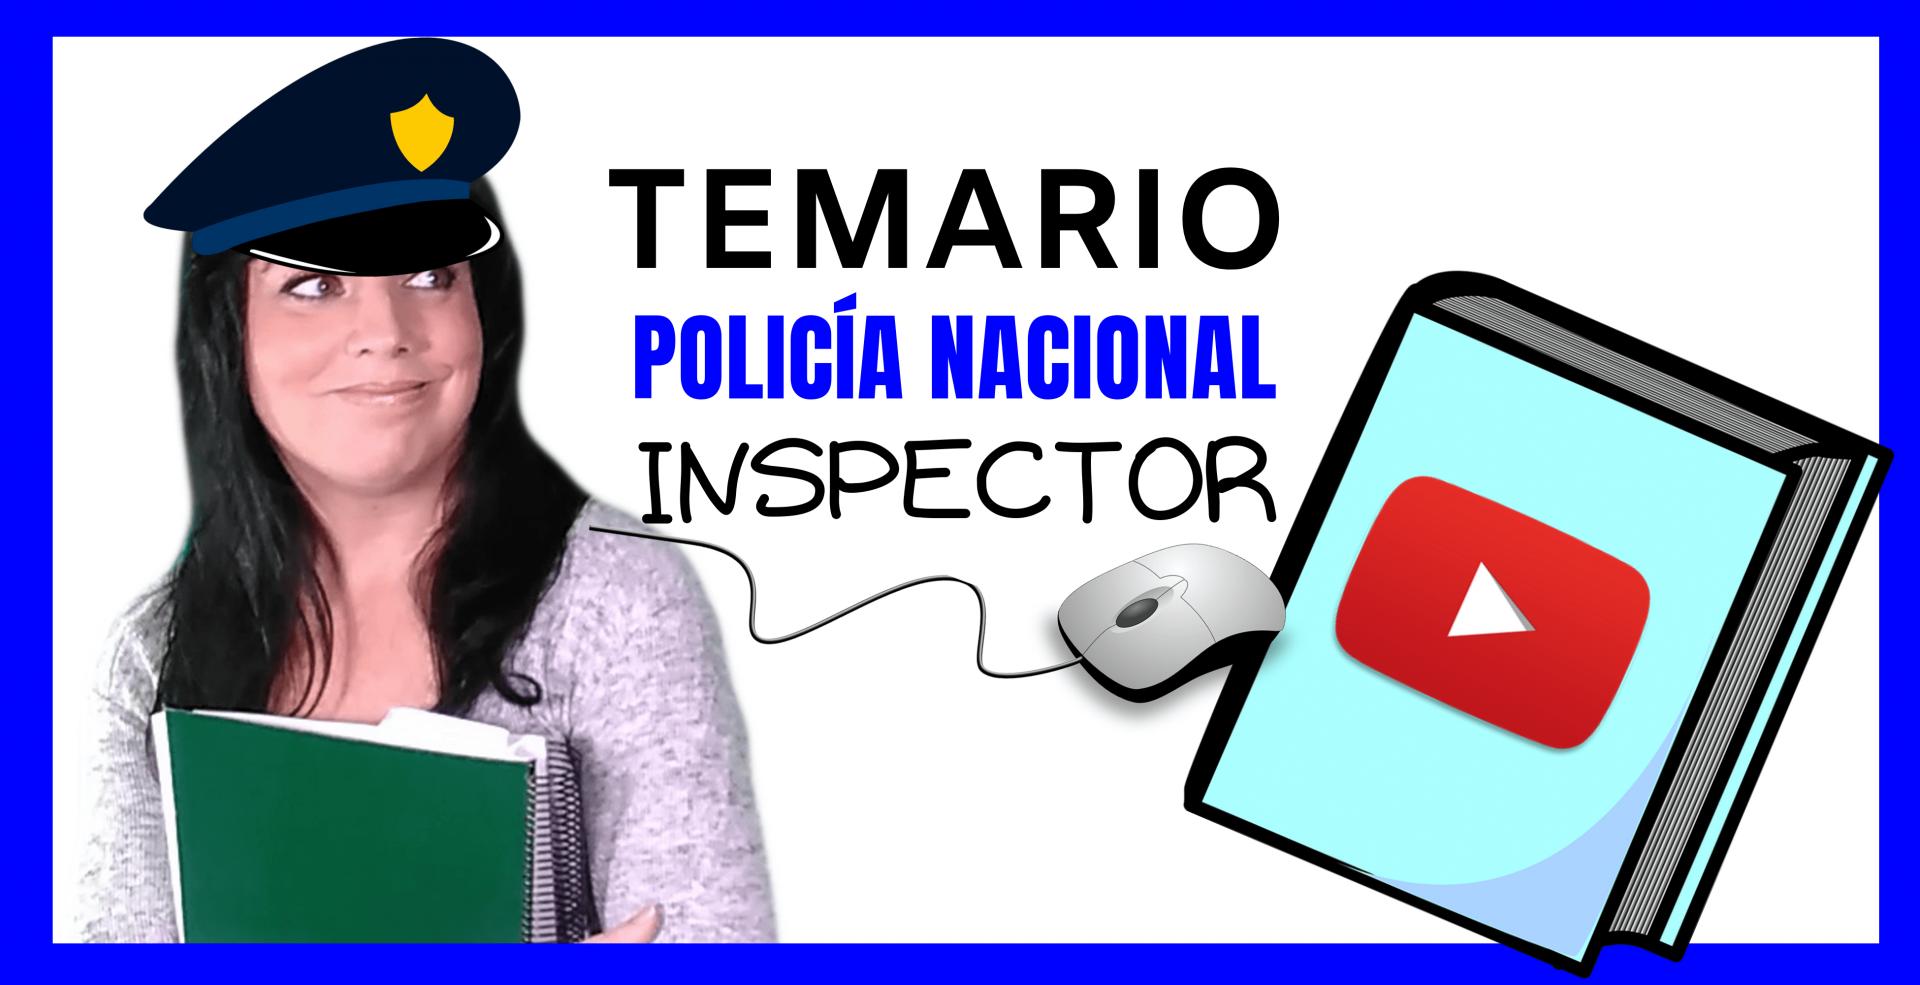 temario inspector de policia nacional en video